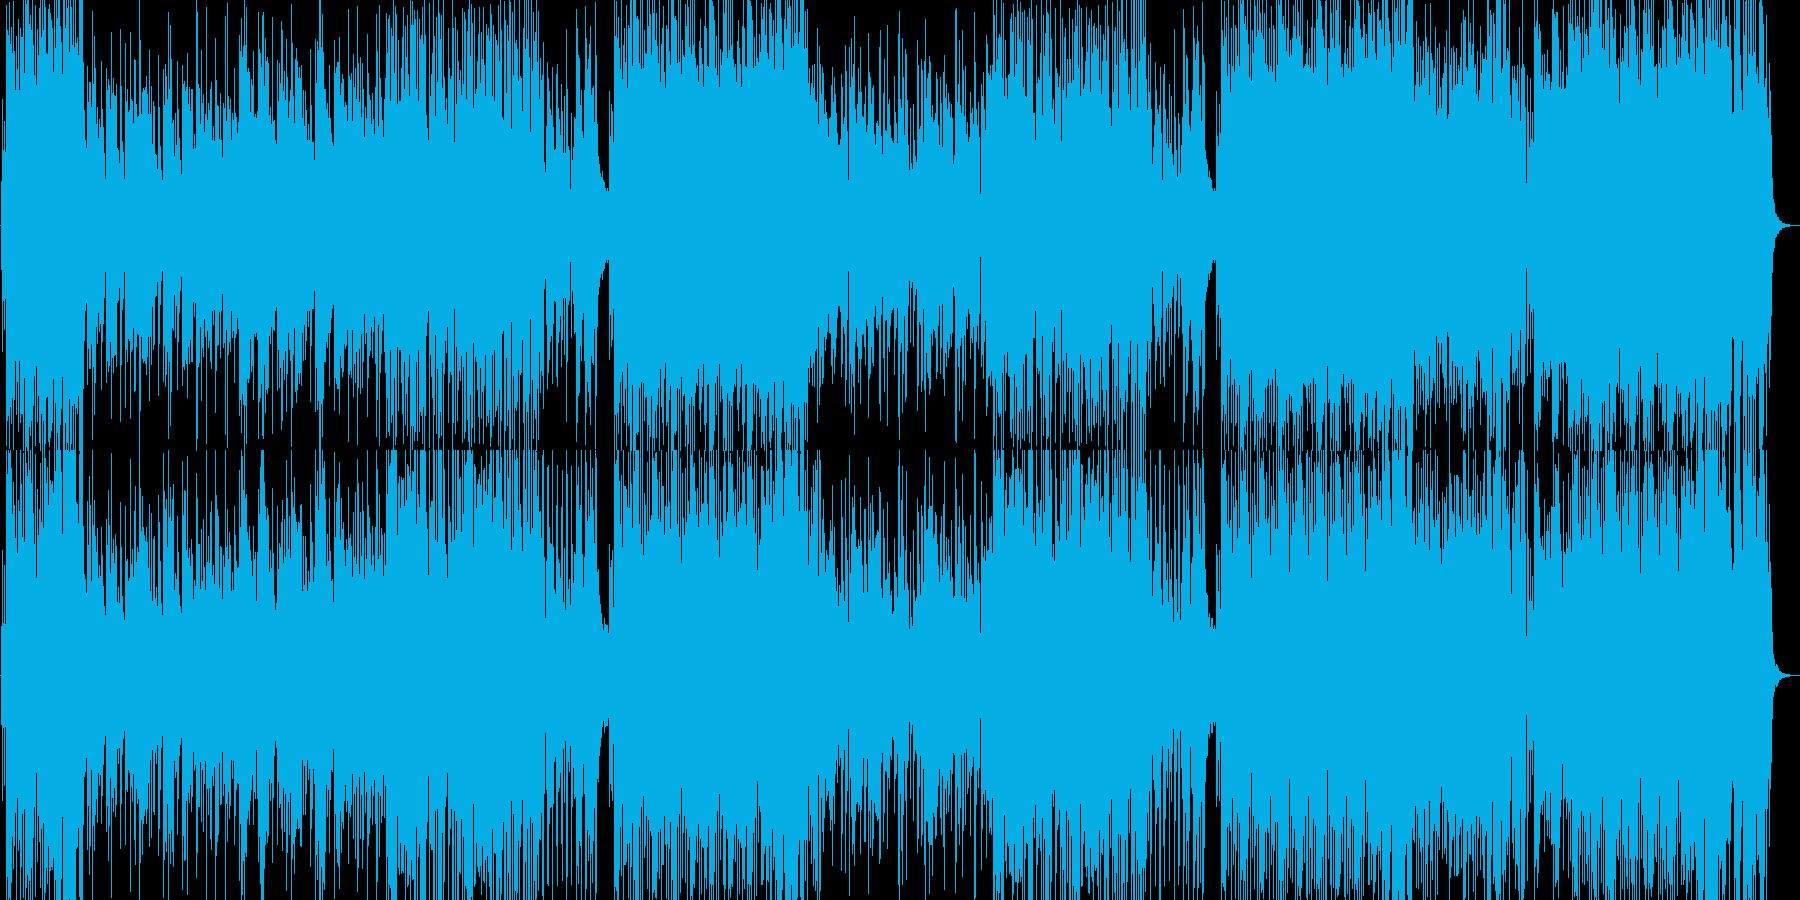 オープニング企業VP和風BGM入場桜春の再生済みの波形